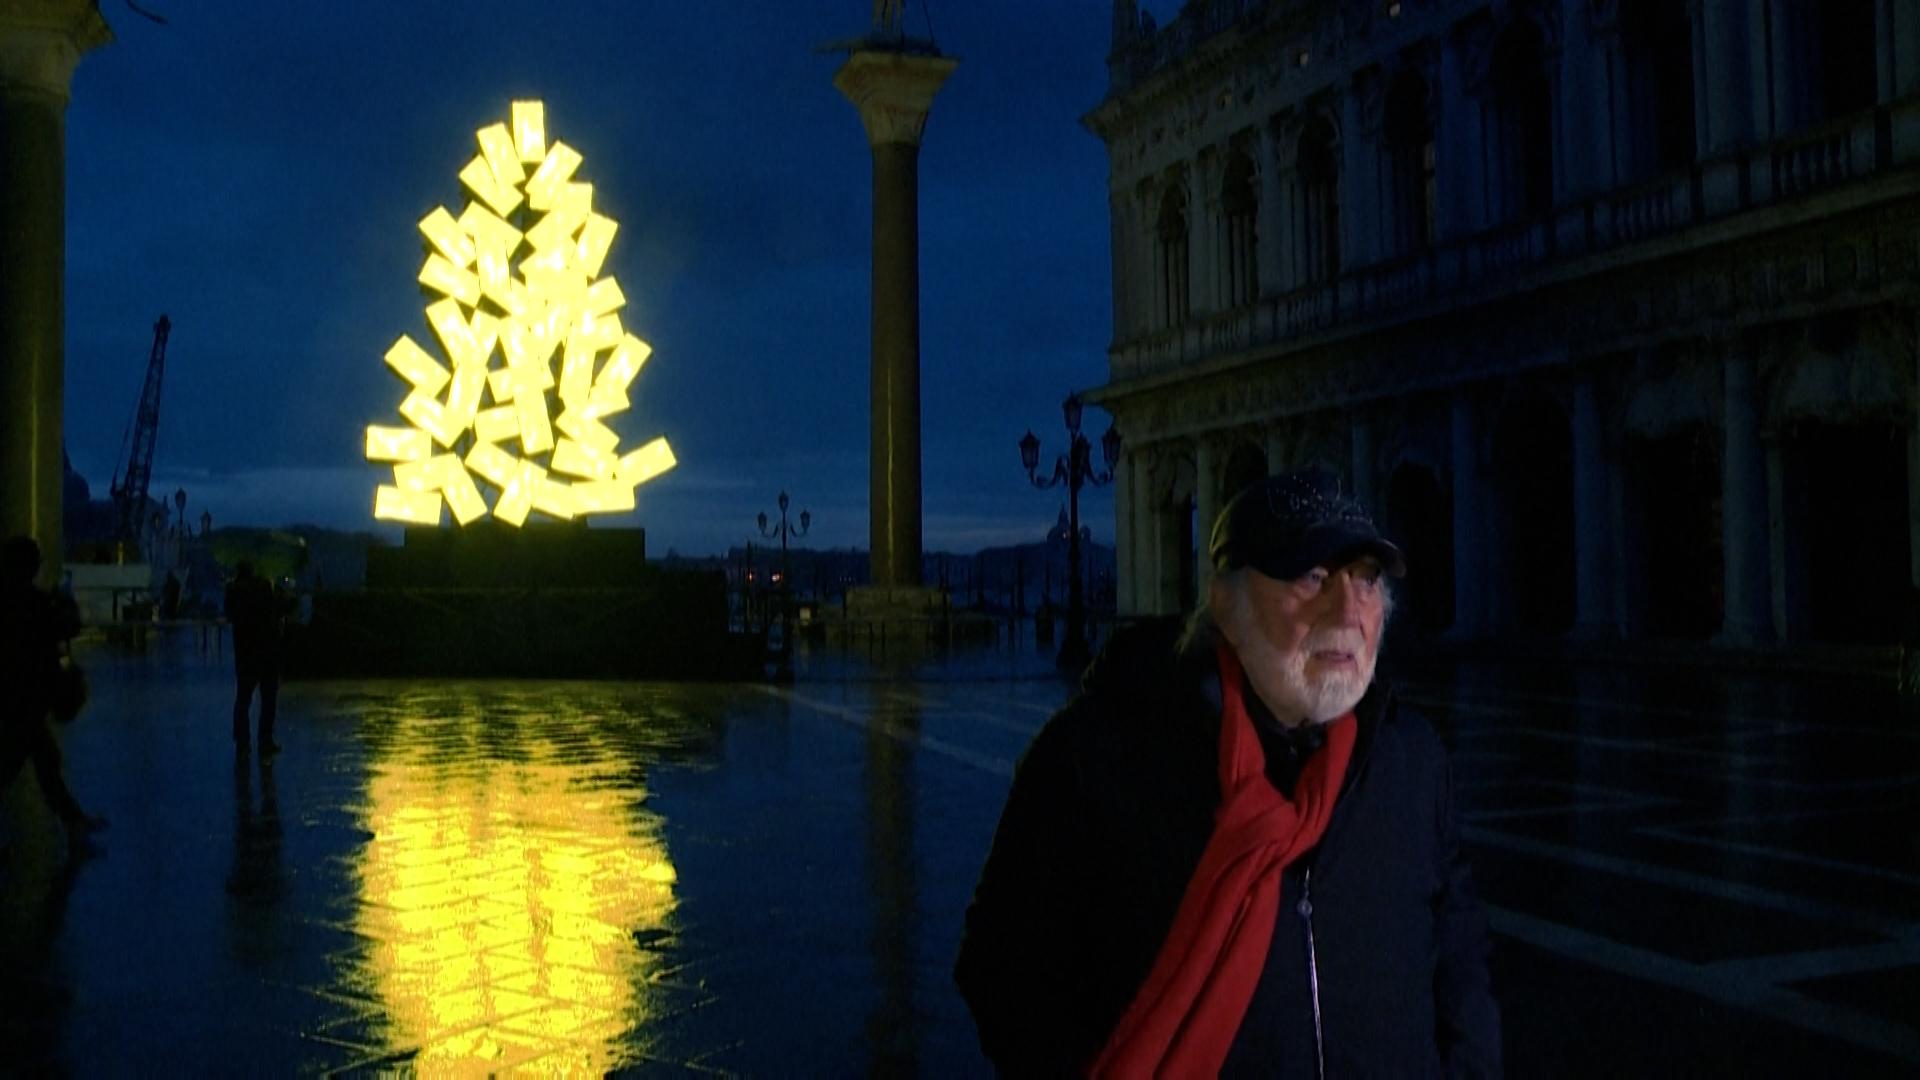 """شجرة عيد ميلاد رقمي في البندقية، أحد أعمال """"فنون الضوء"""" للفنان الإيطالي فابريزيو بليسي (أ ف ب)"""